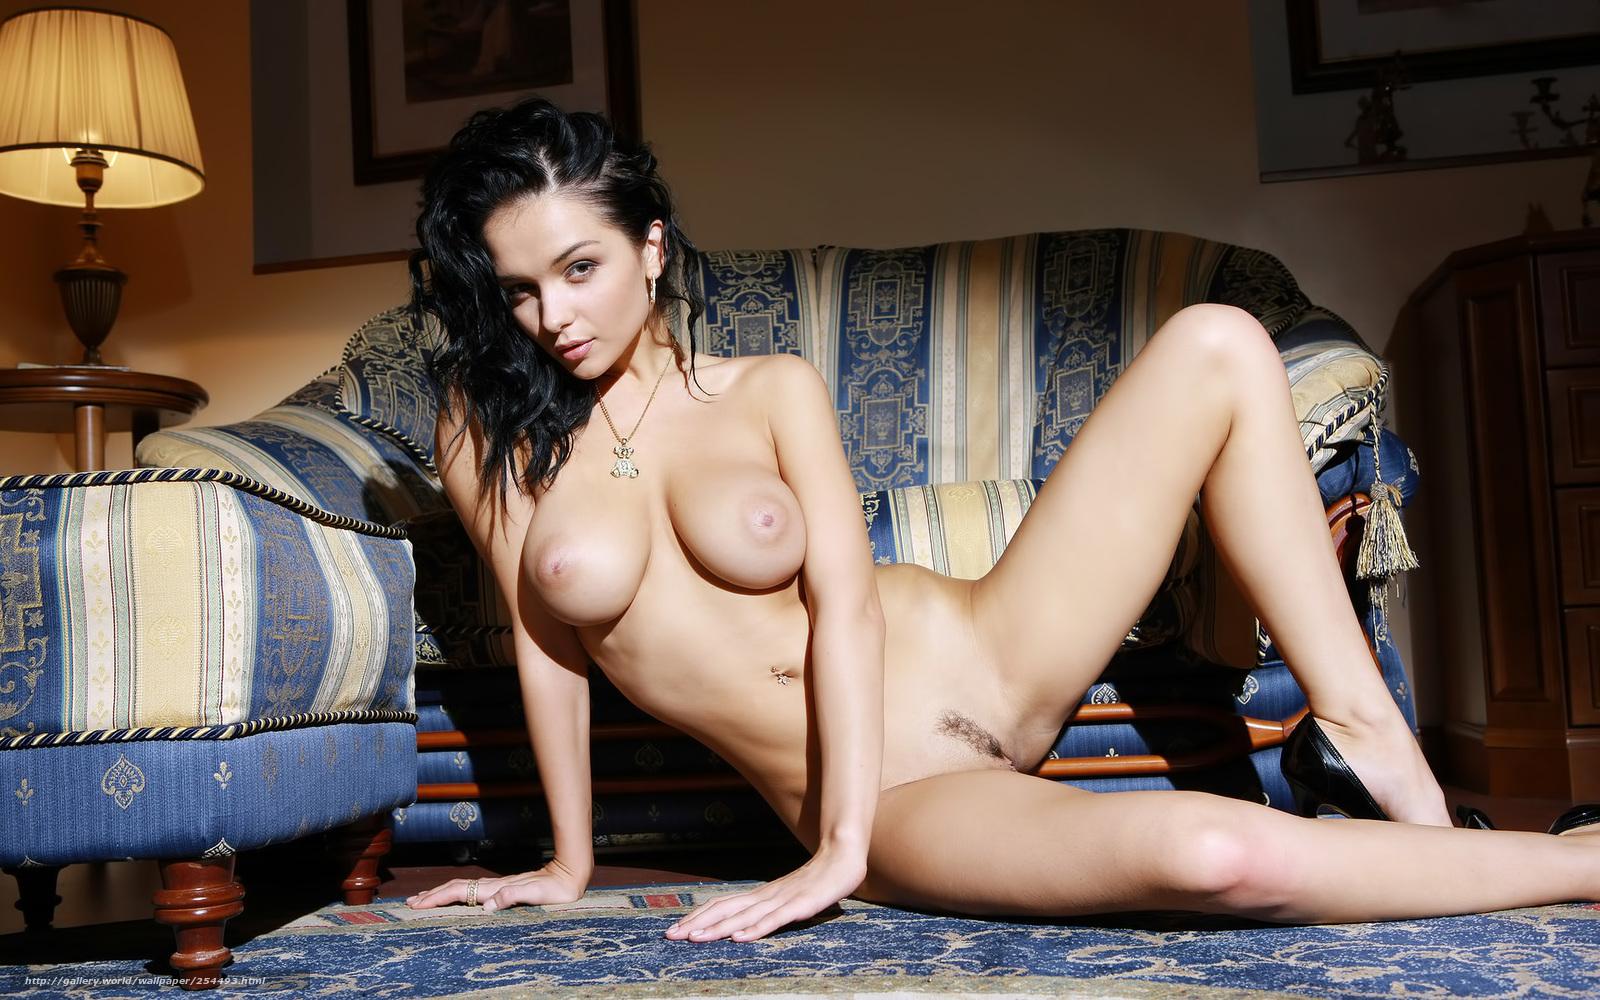 Секси девшуки голые 22 фотография